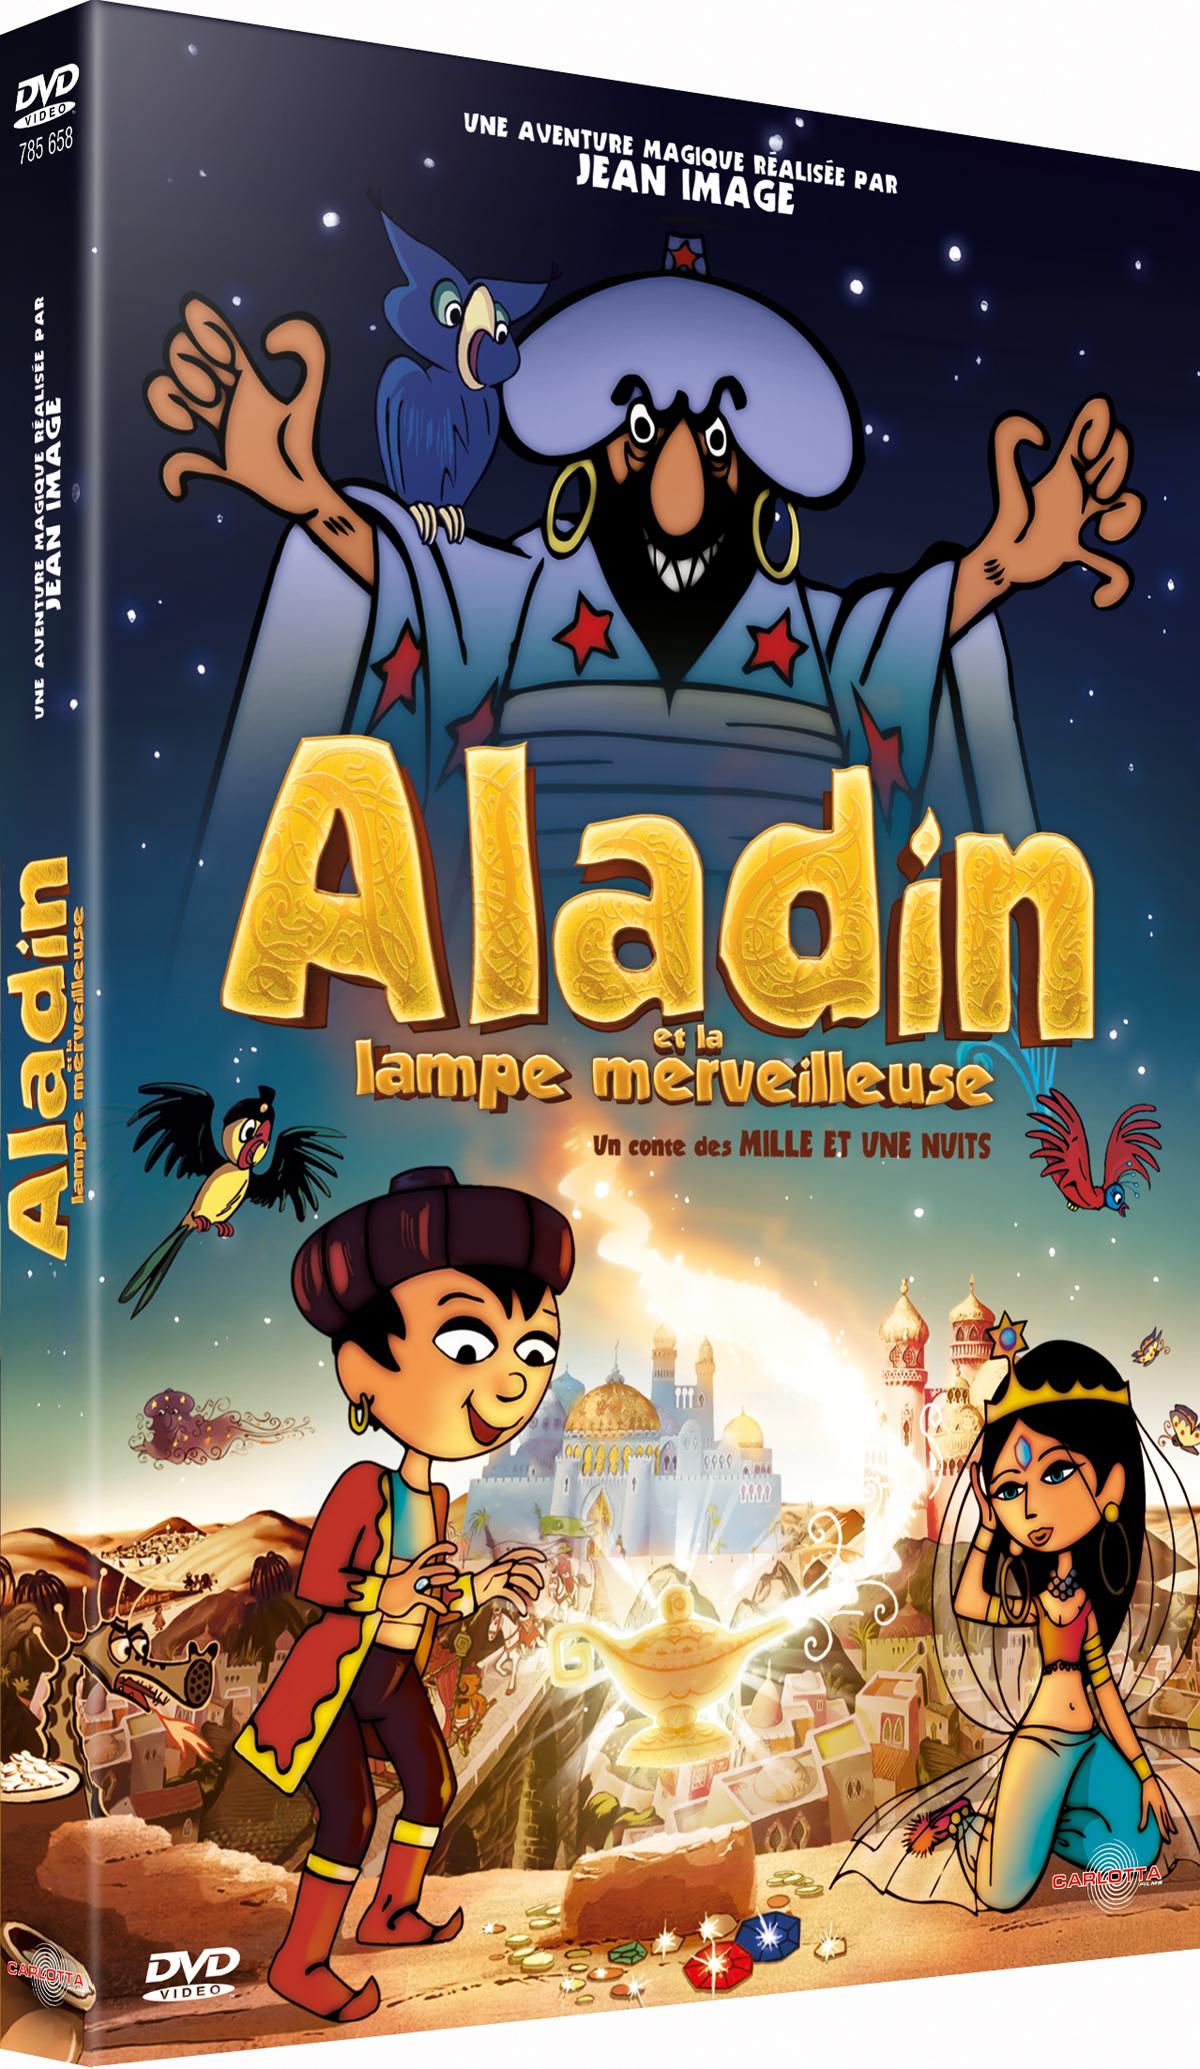 critique dvd aladin et la le merveilleuse cinedingue